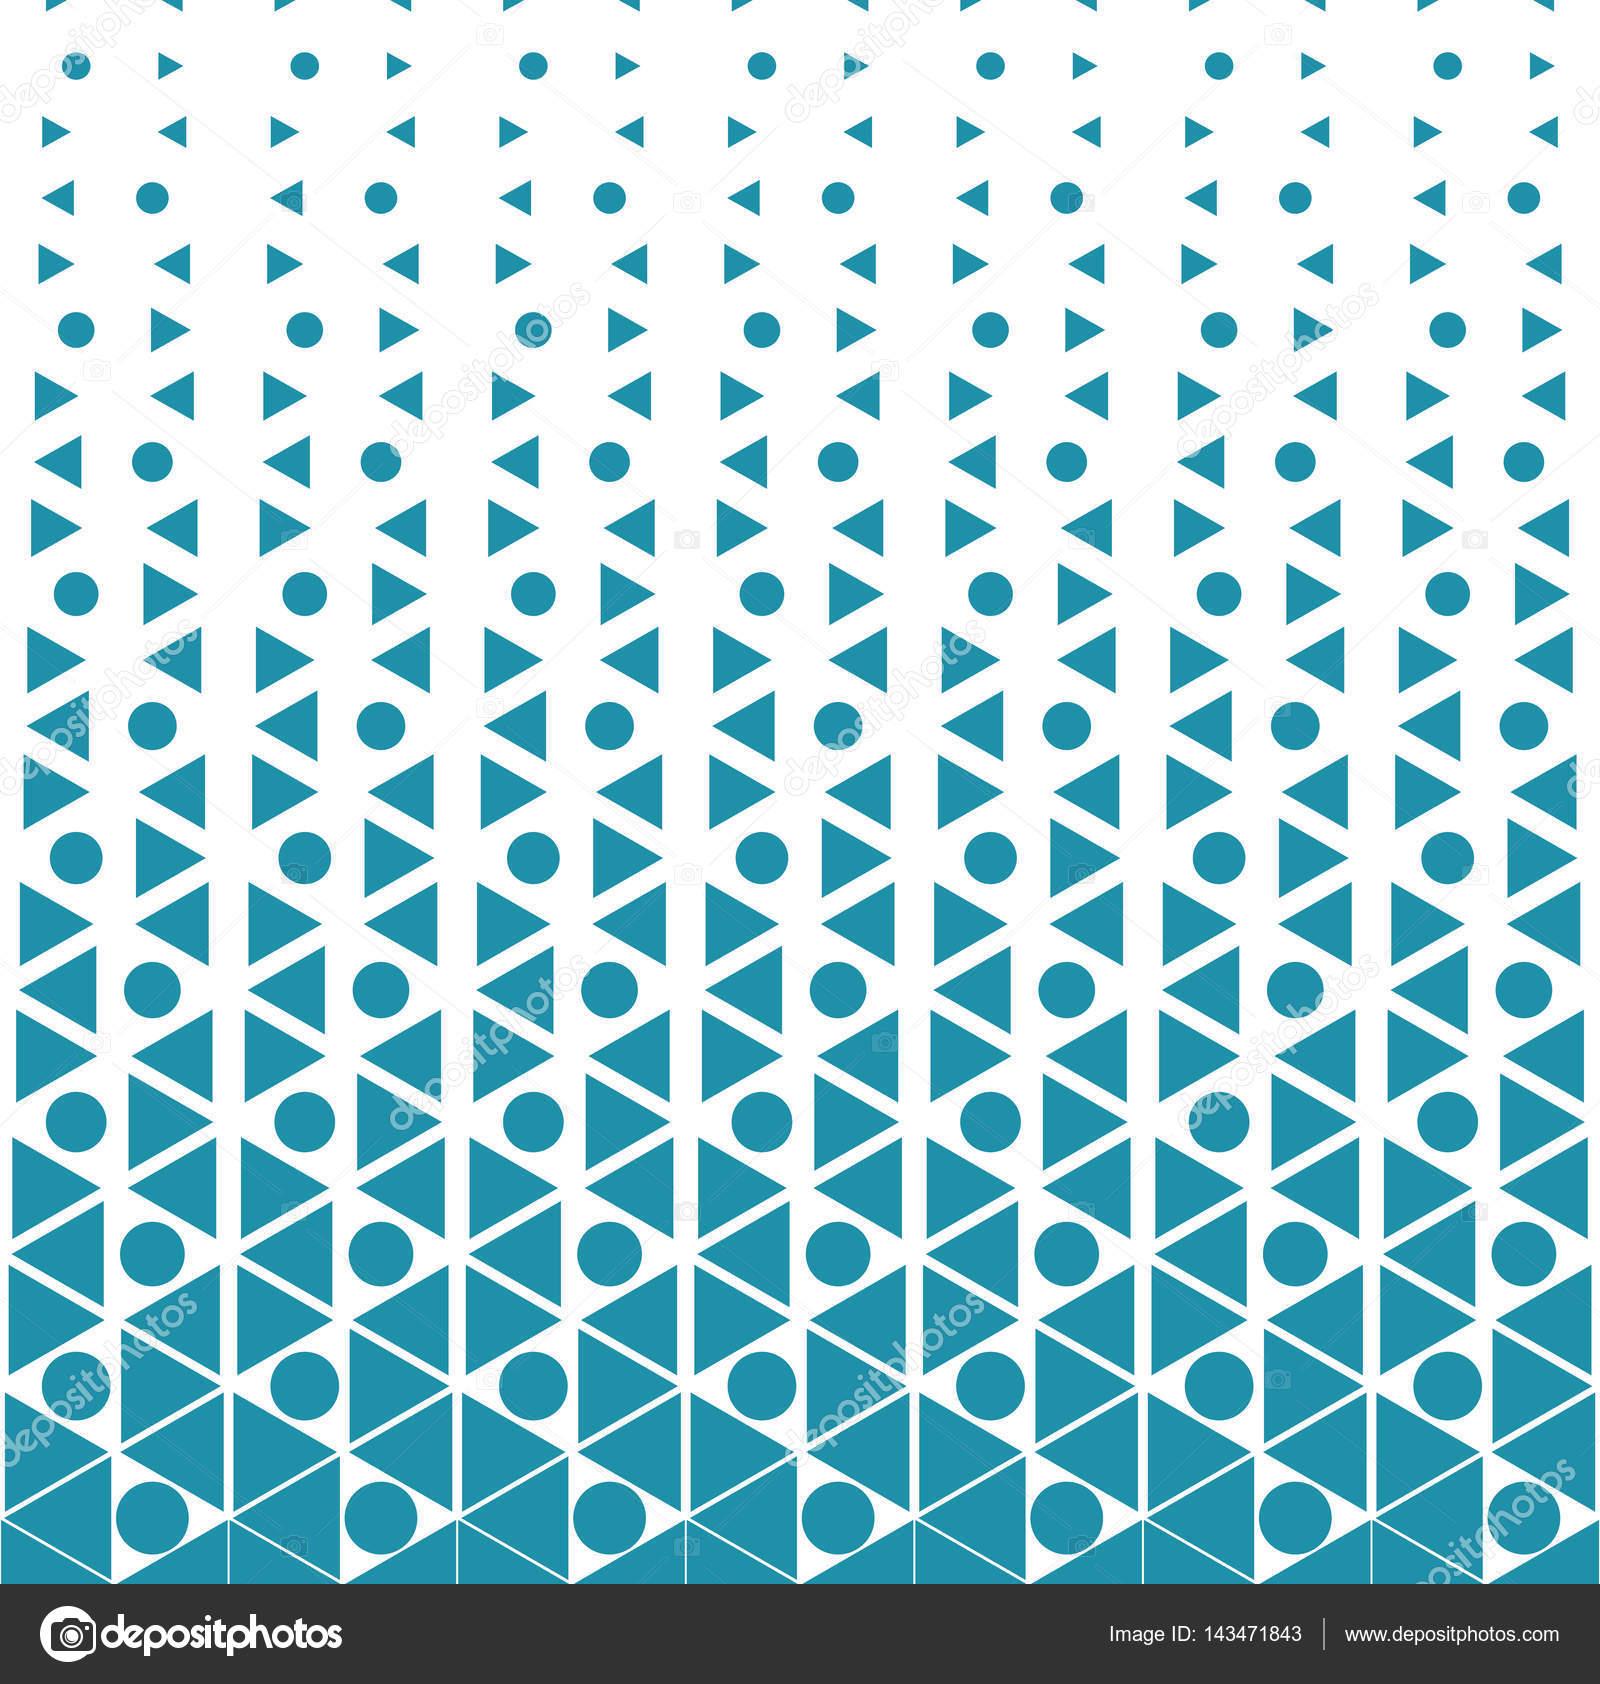 抽象几何半色调三角形渐变图案背景 — 图库矢量图片#143471843